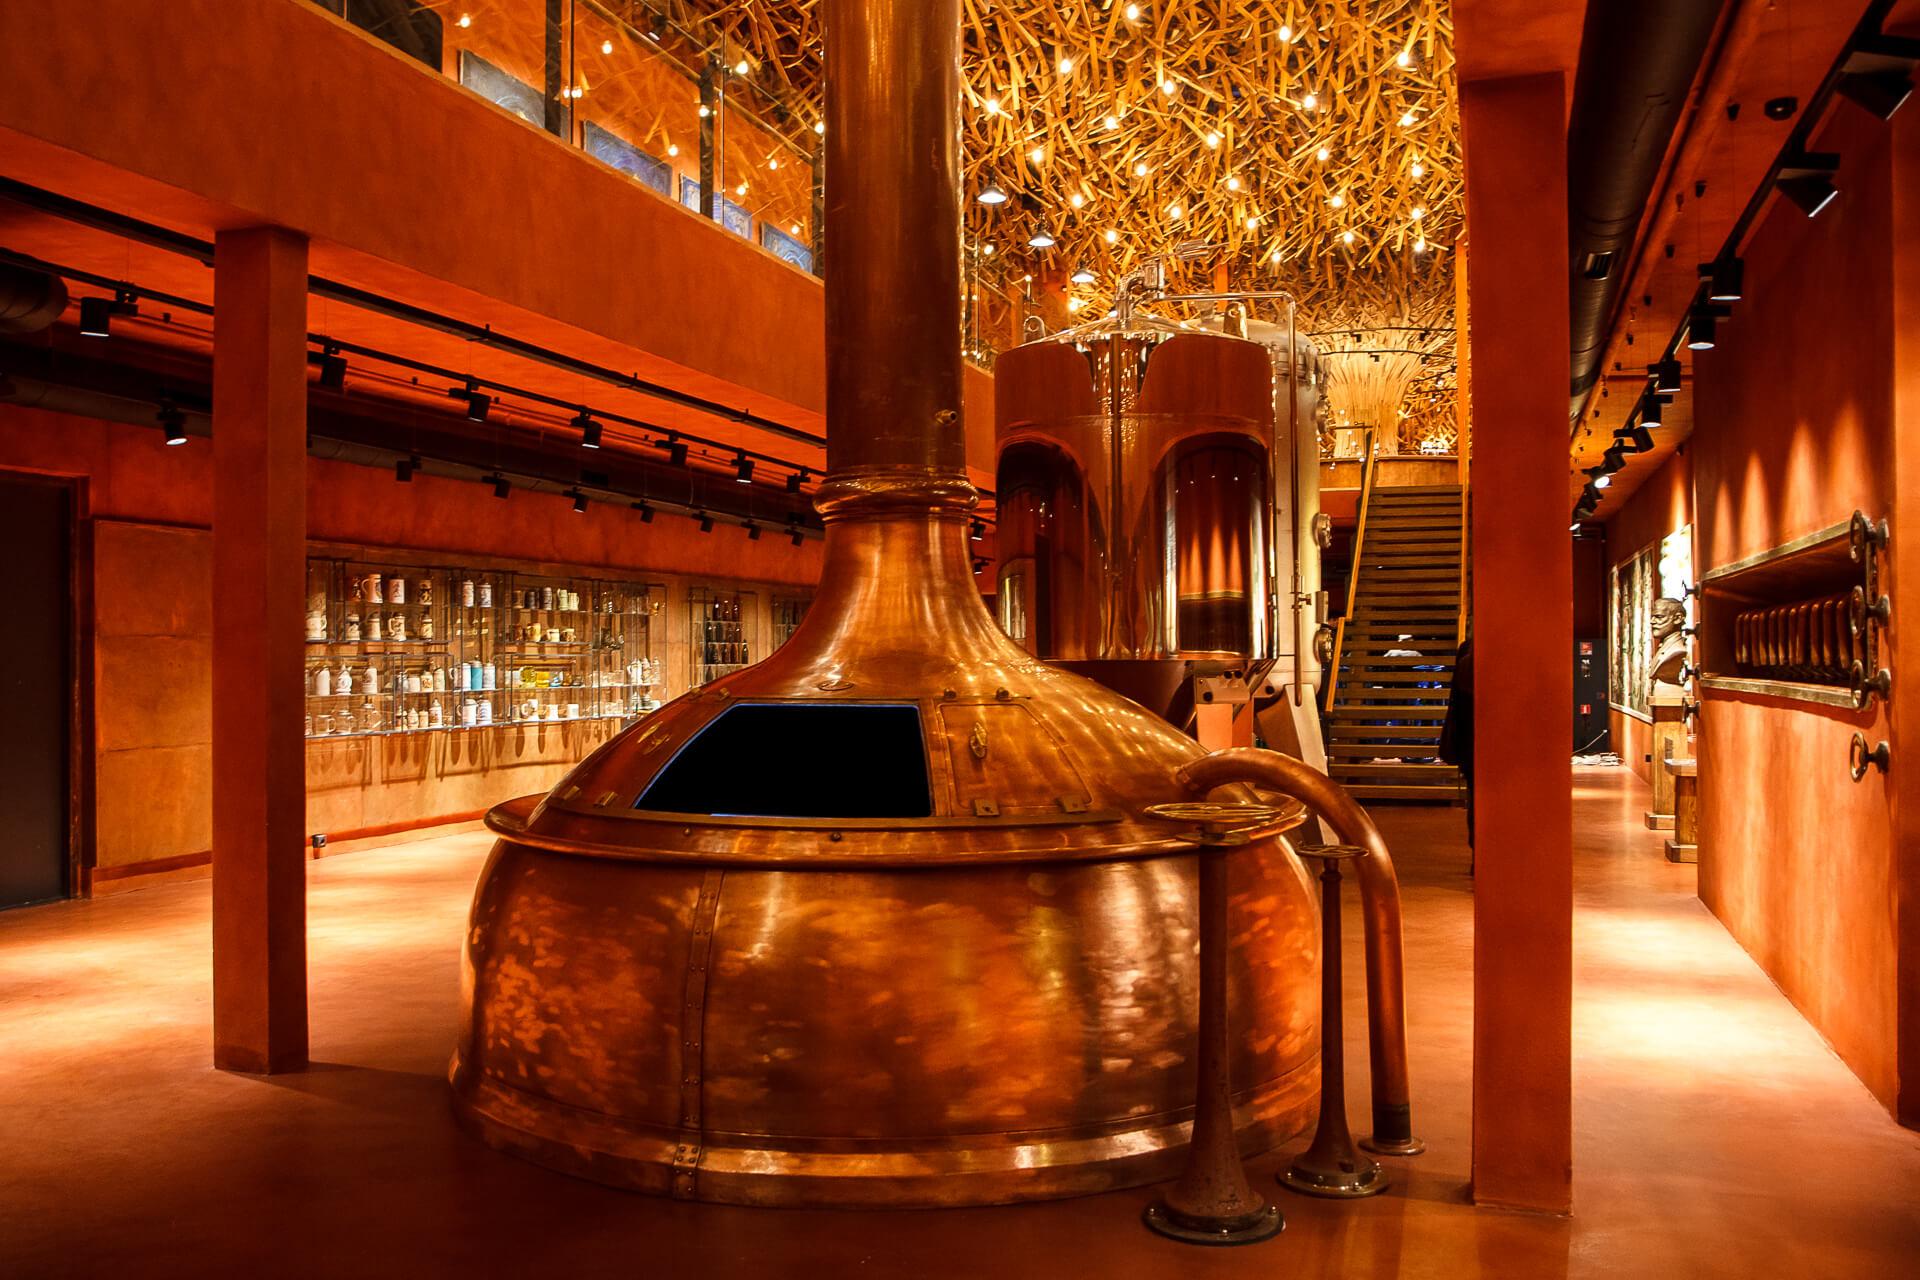 Картинки по запросу львоварня музей истории пивоварения во львове фото